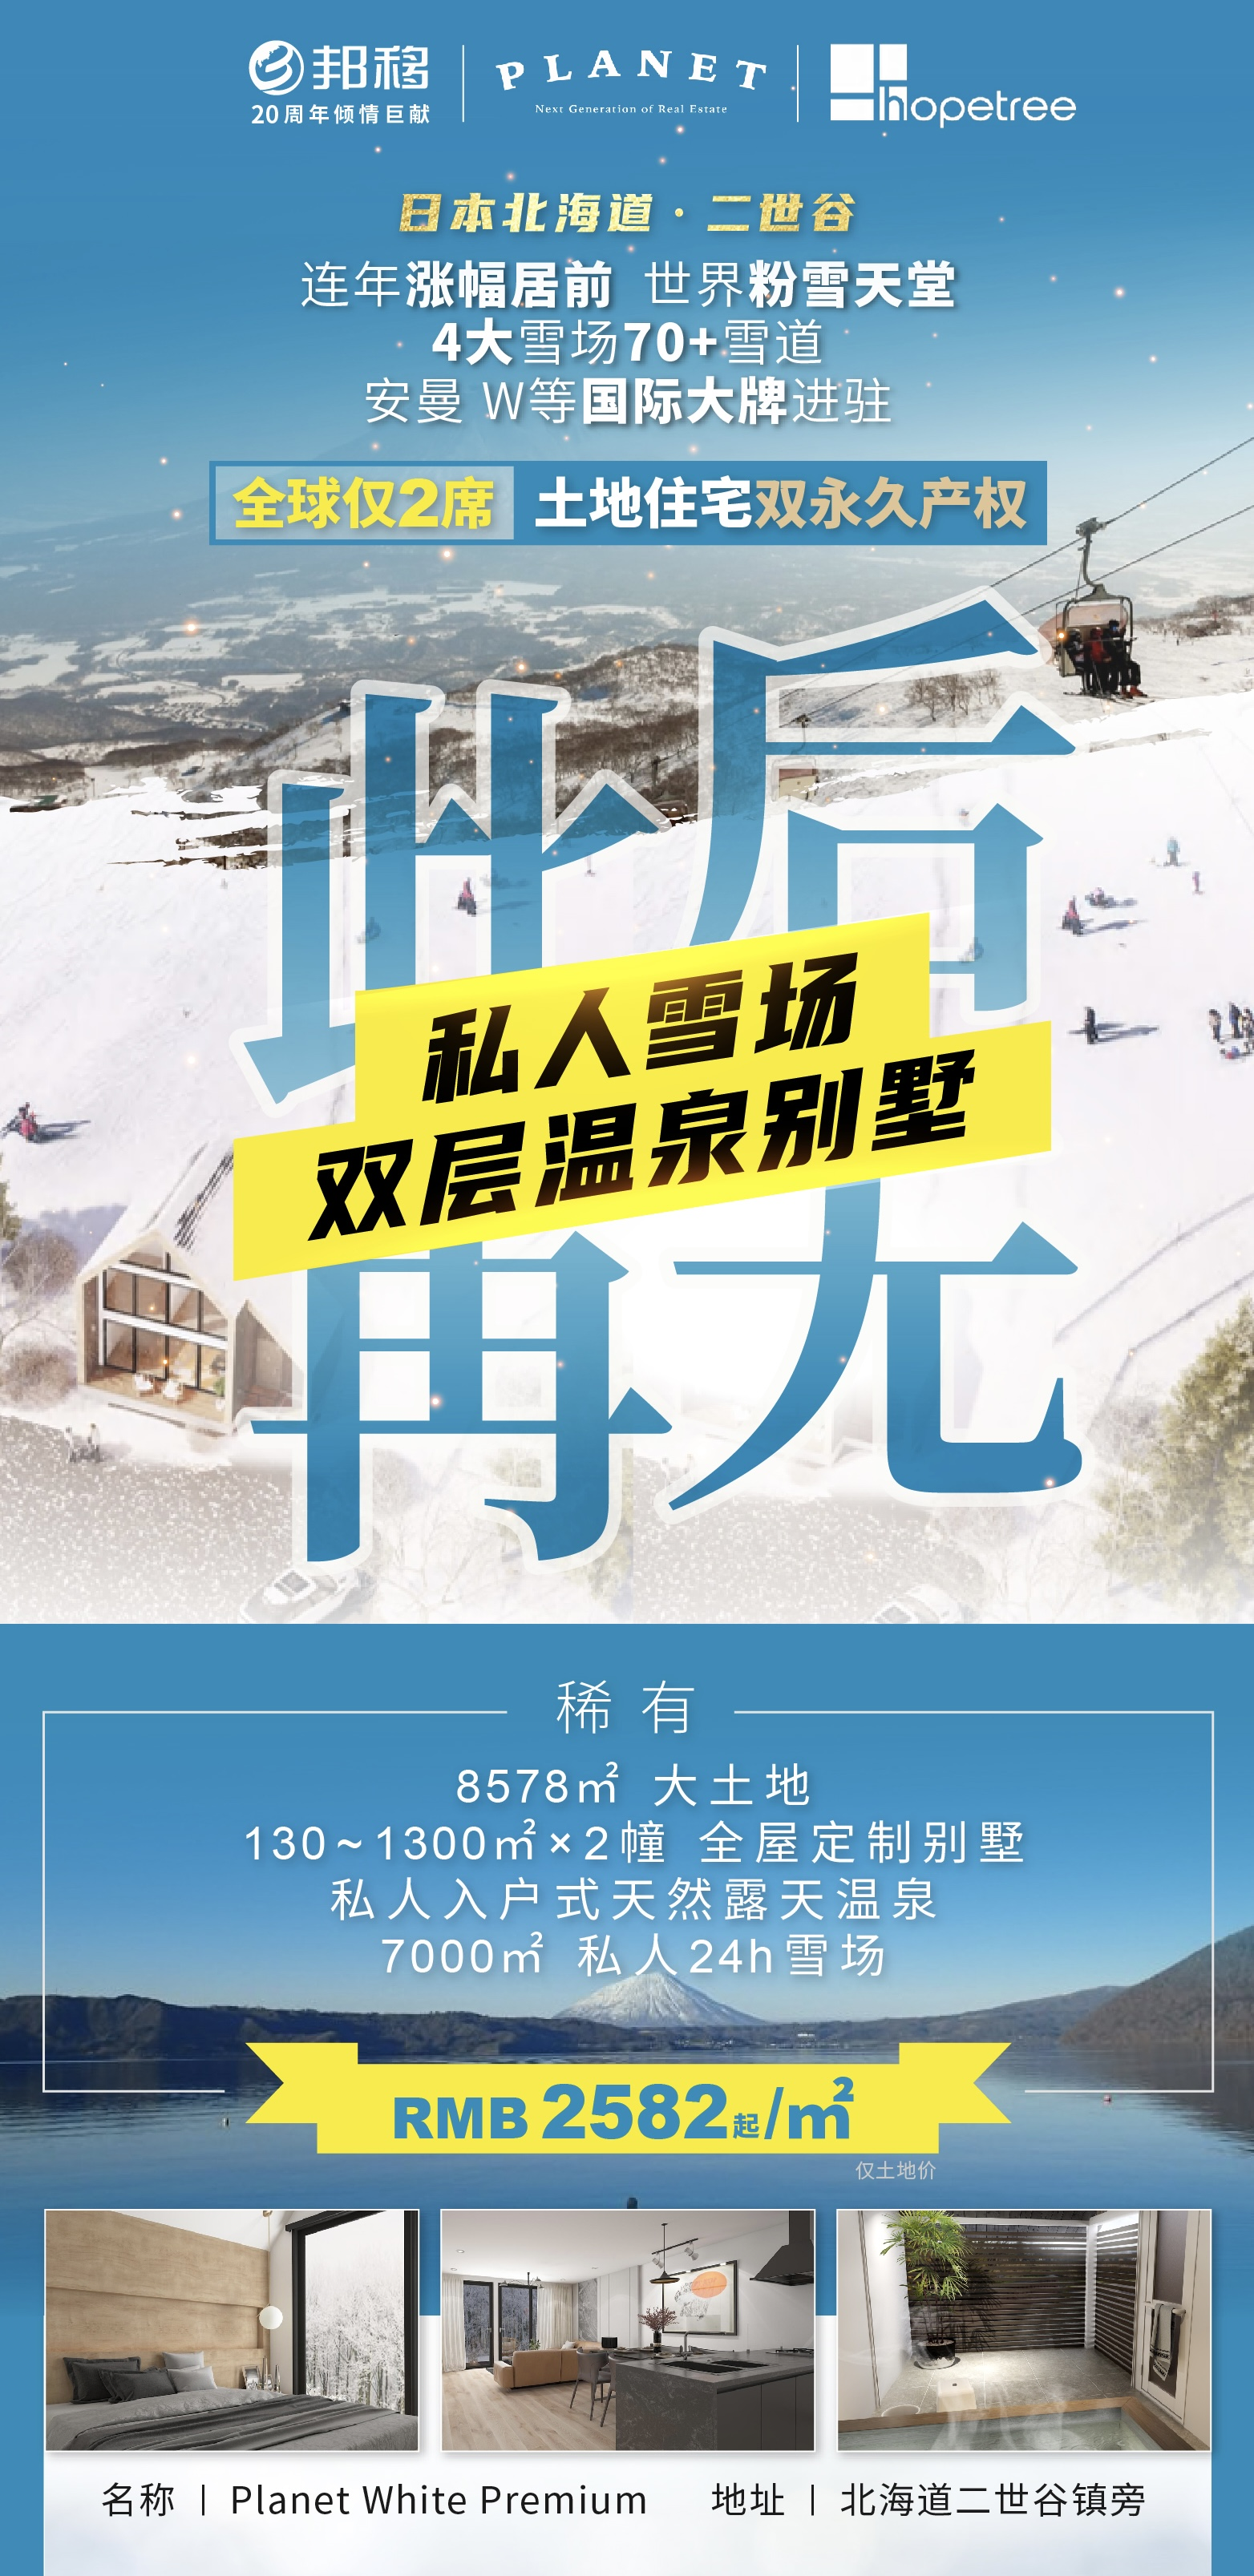 0419-二世谷长海报-01_meitu_1.jpg